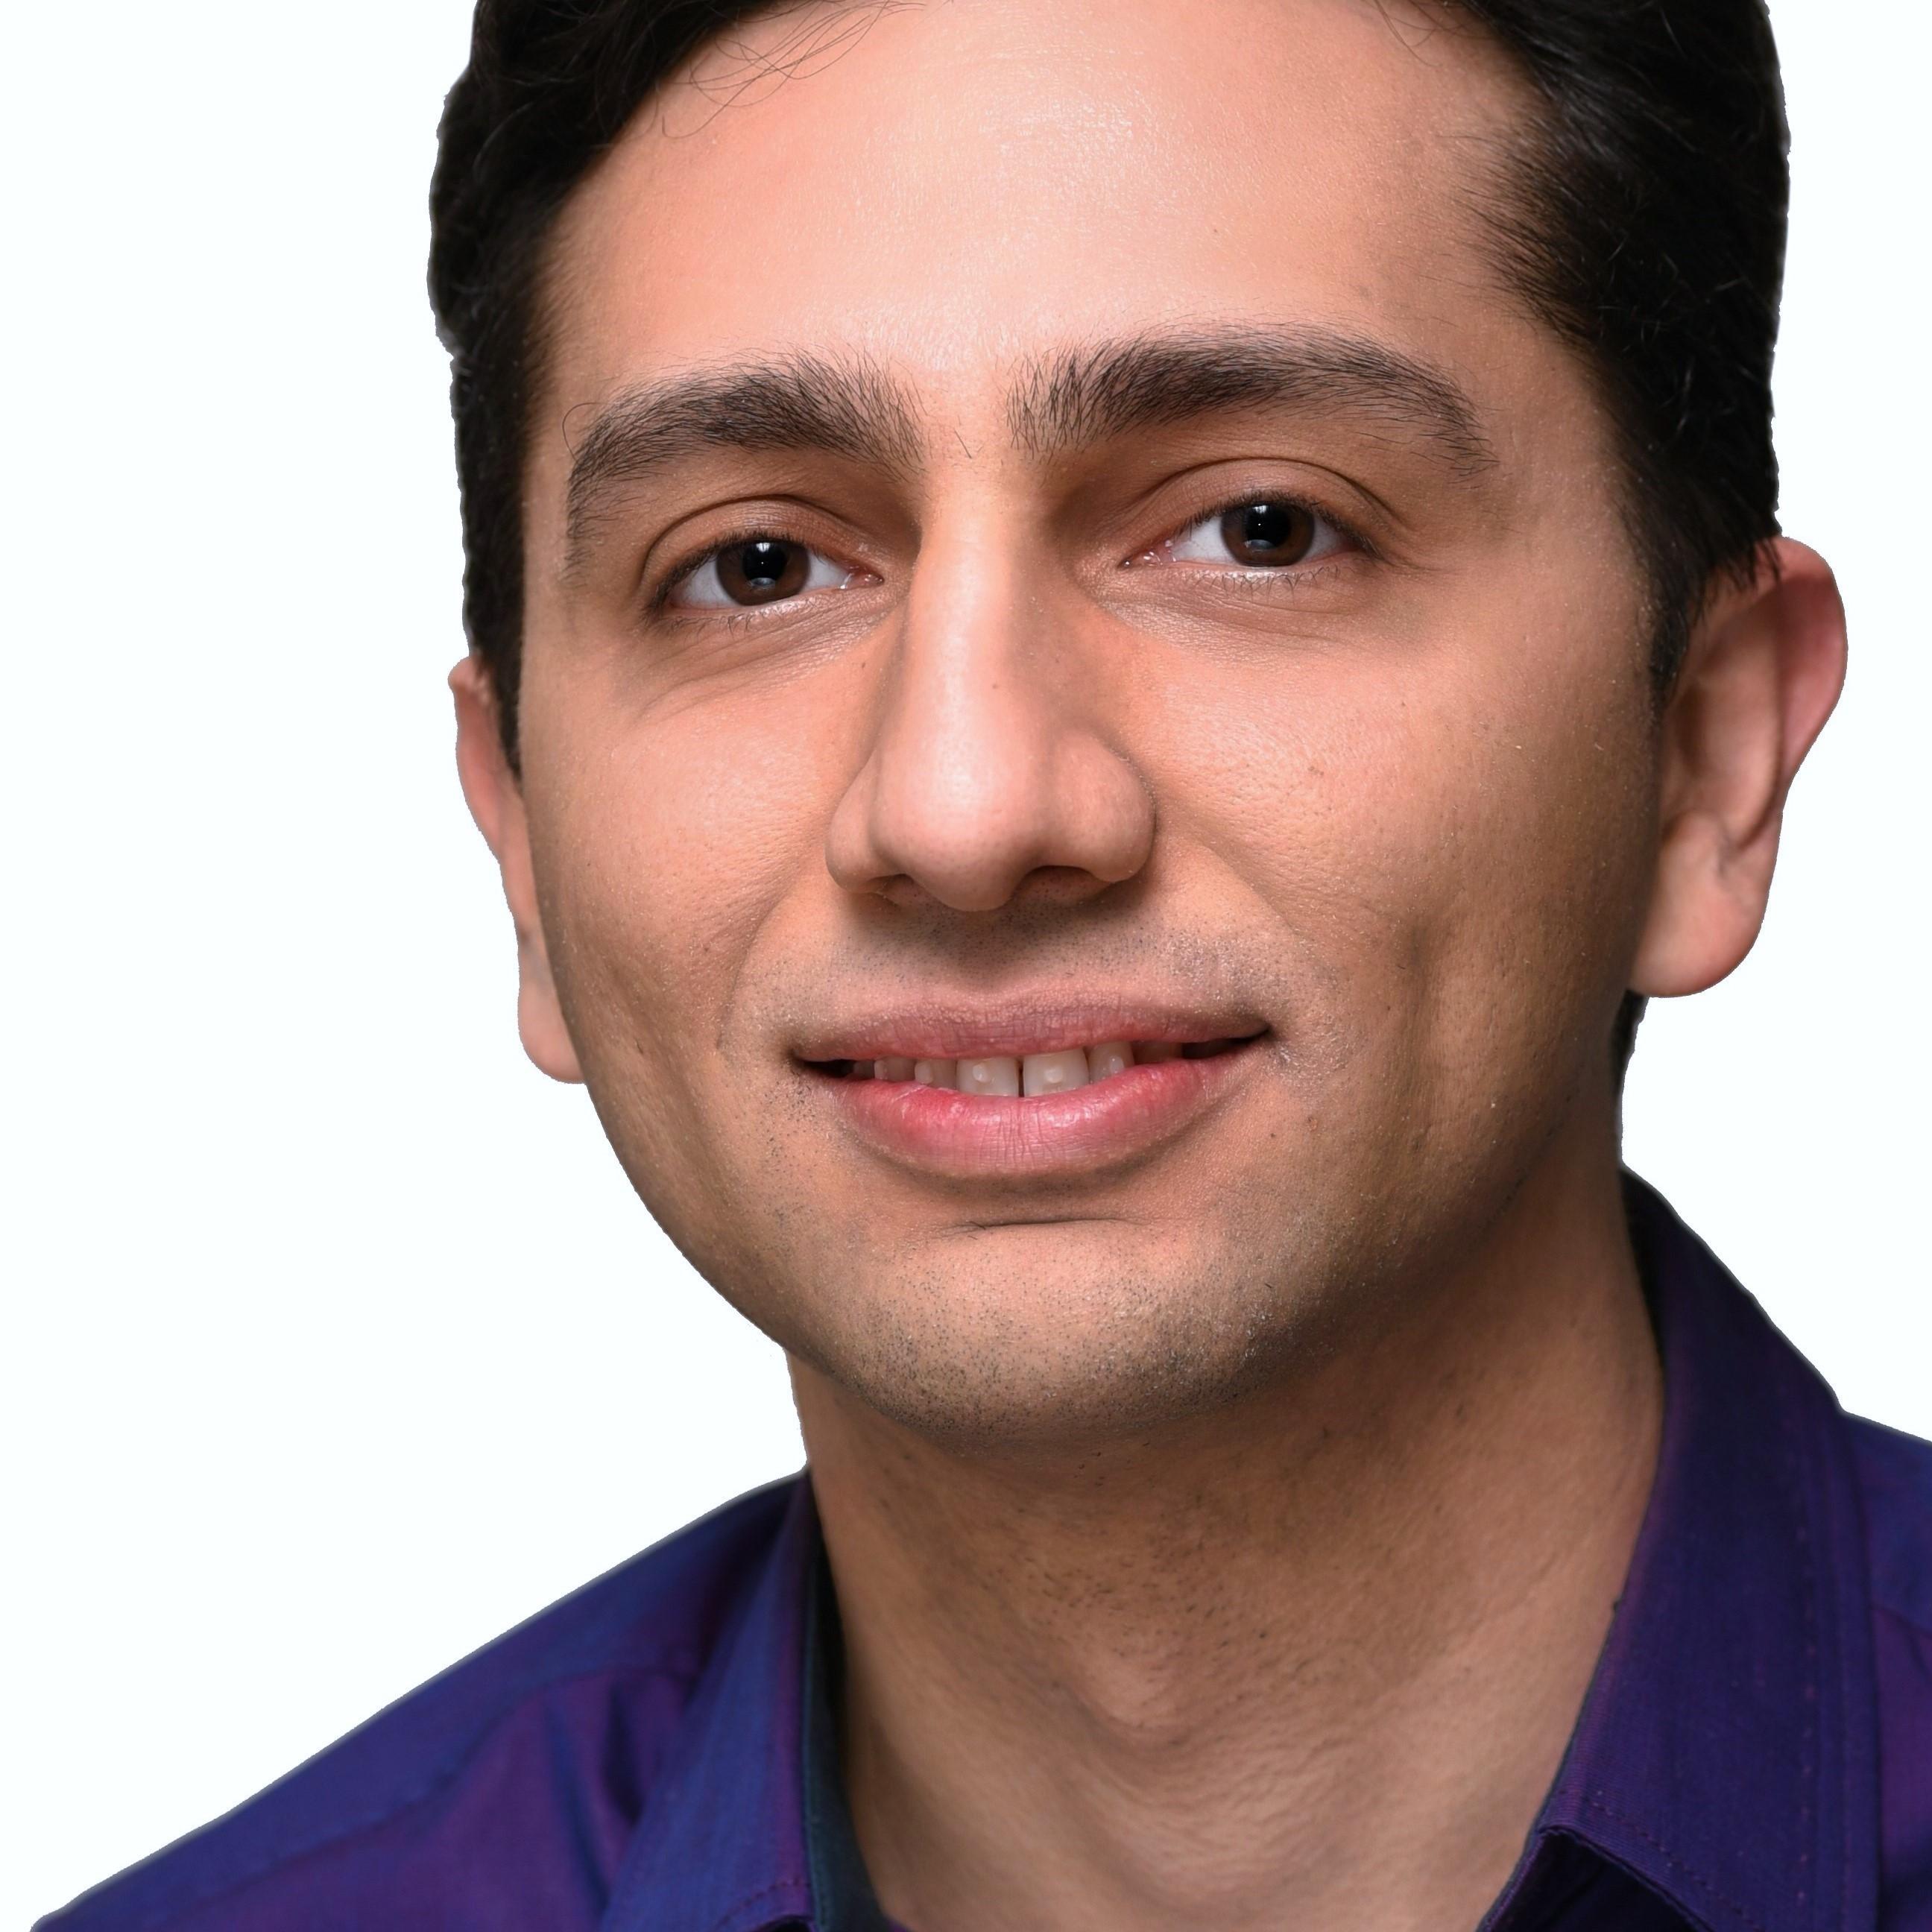 DR. F. ALASHKAR